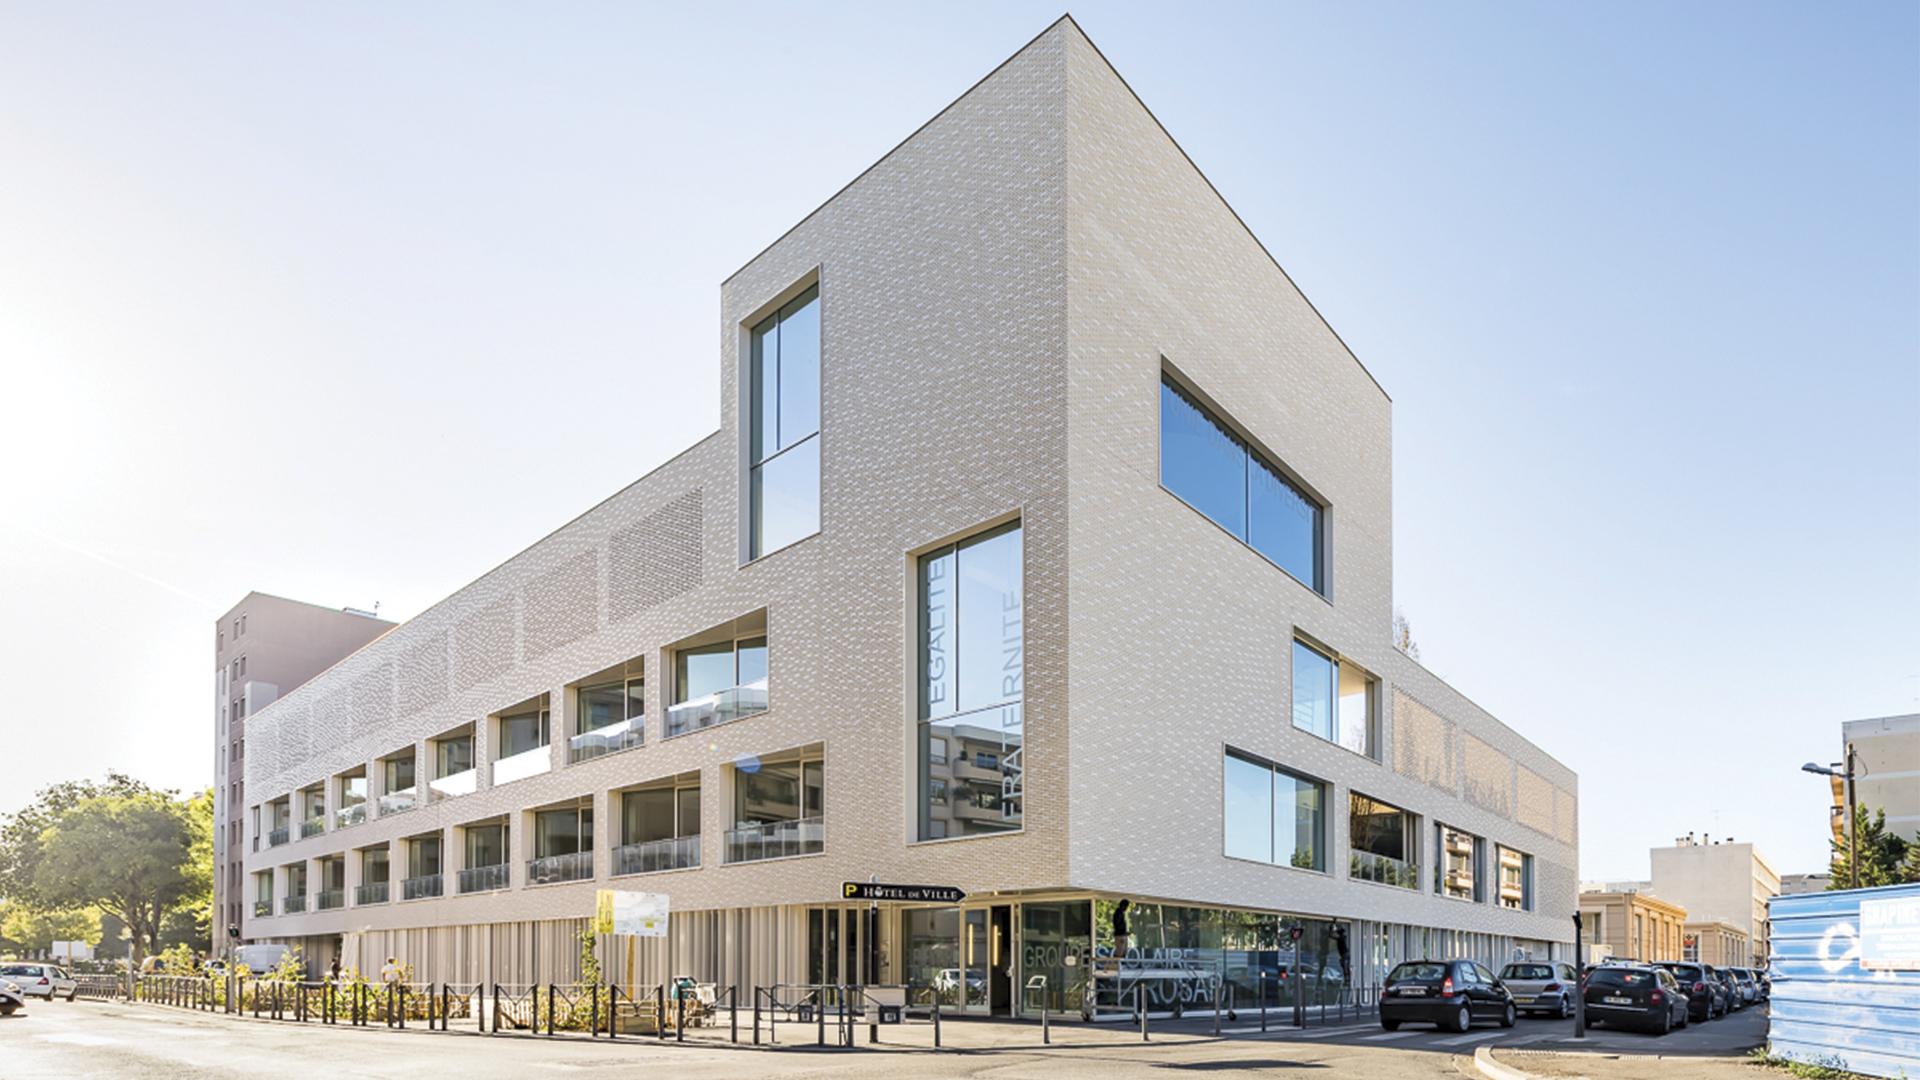 The Rosa Parks School Complex | Brenac & Gonzalez et Associés